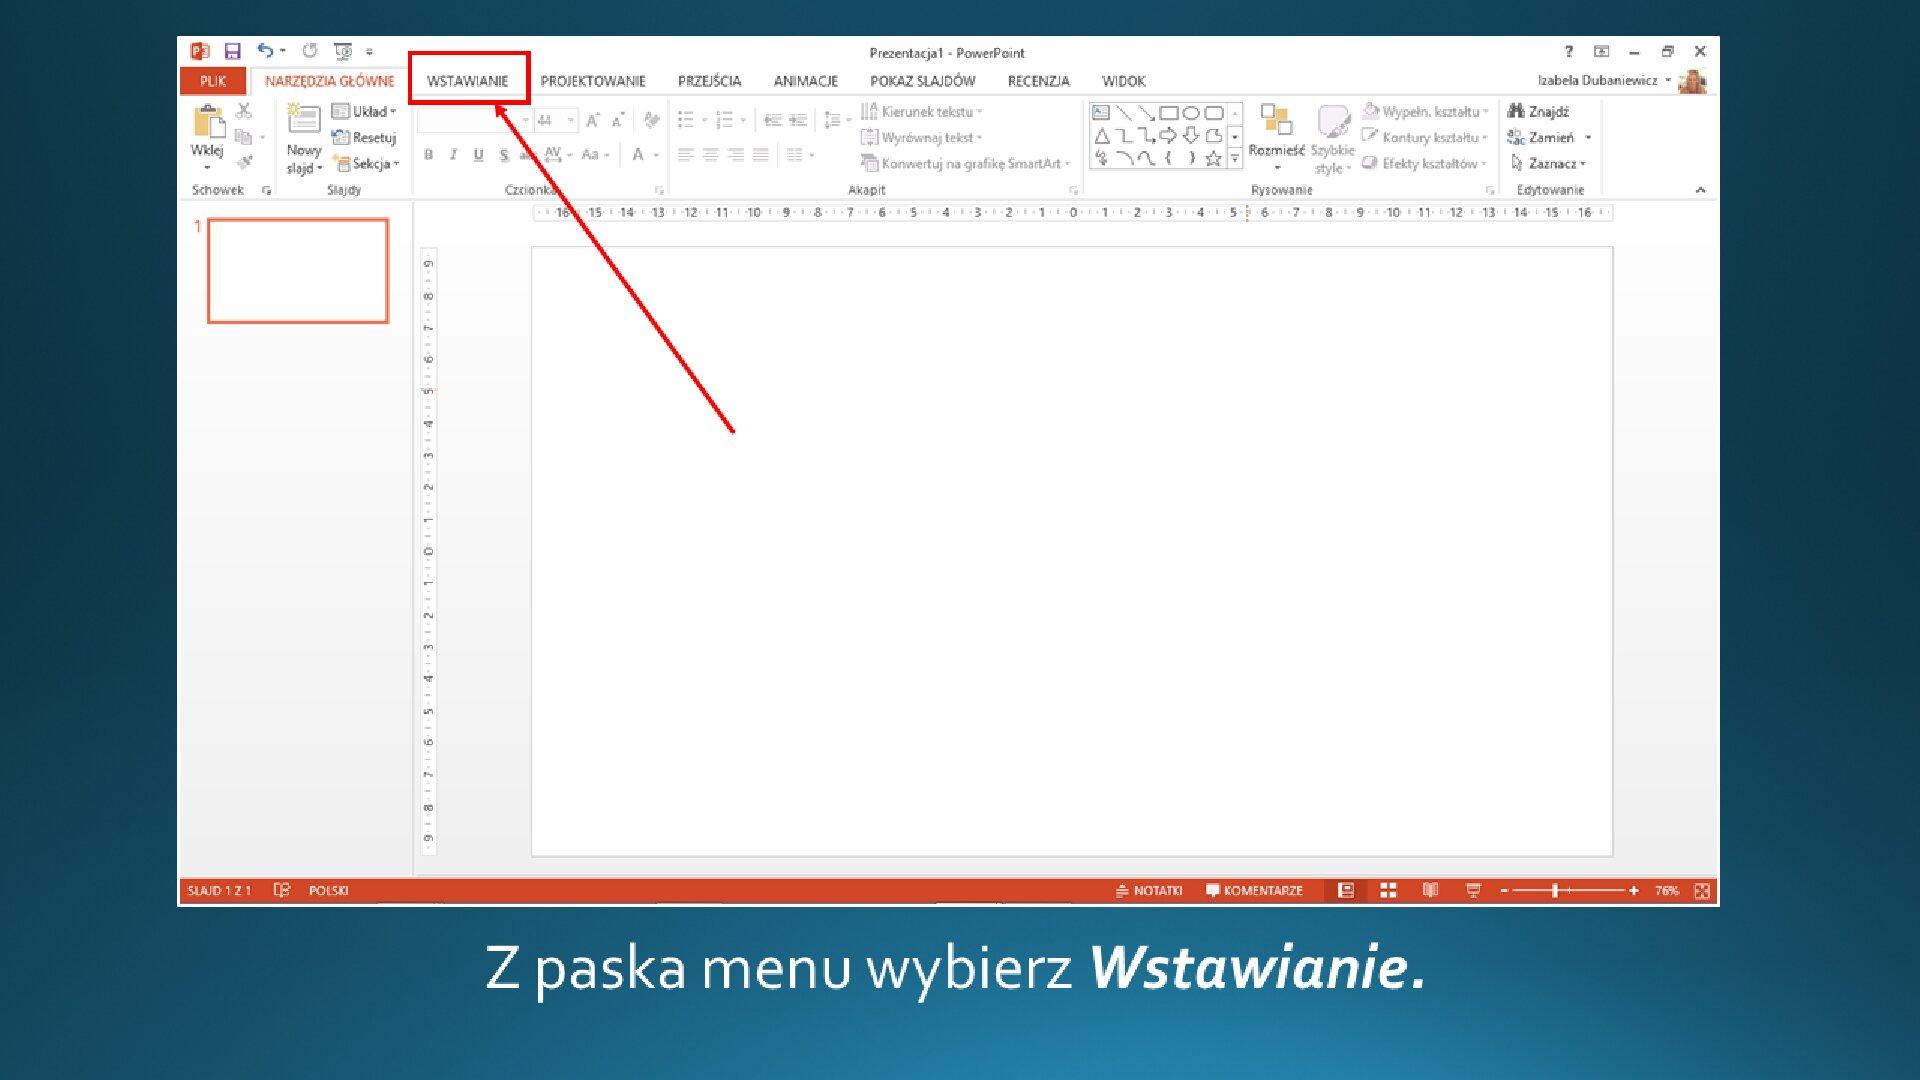 Slajd 1 galerii zrzutów slajdów: Wstawianie clipartu na slajd opustym układzie wprogramie MS PowerPoint